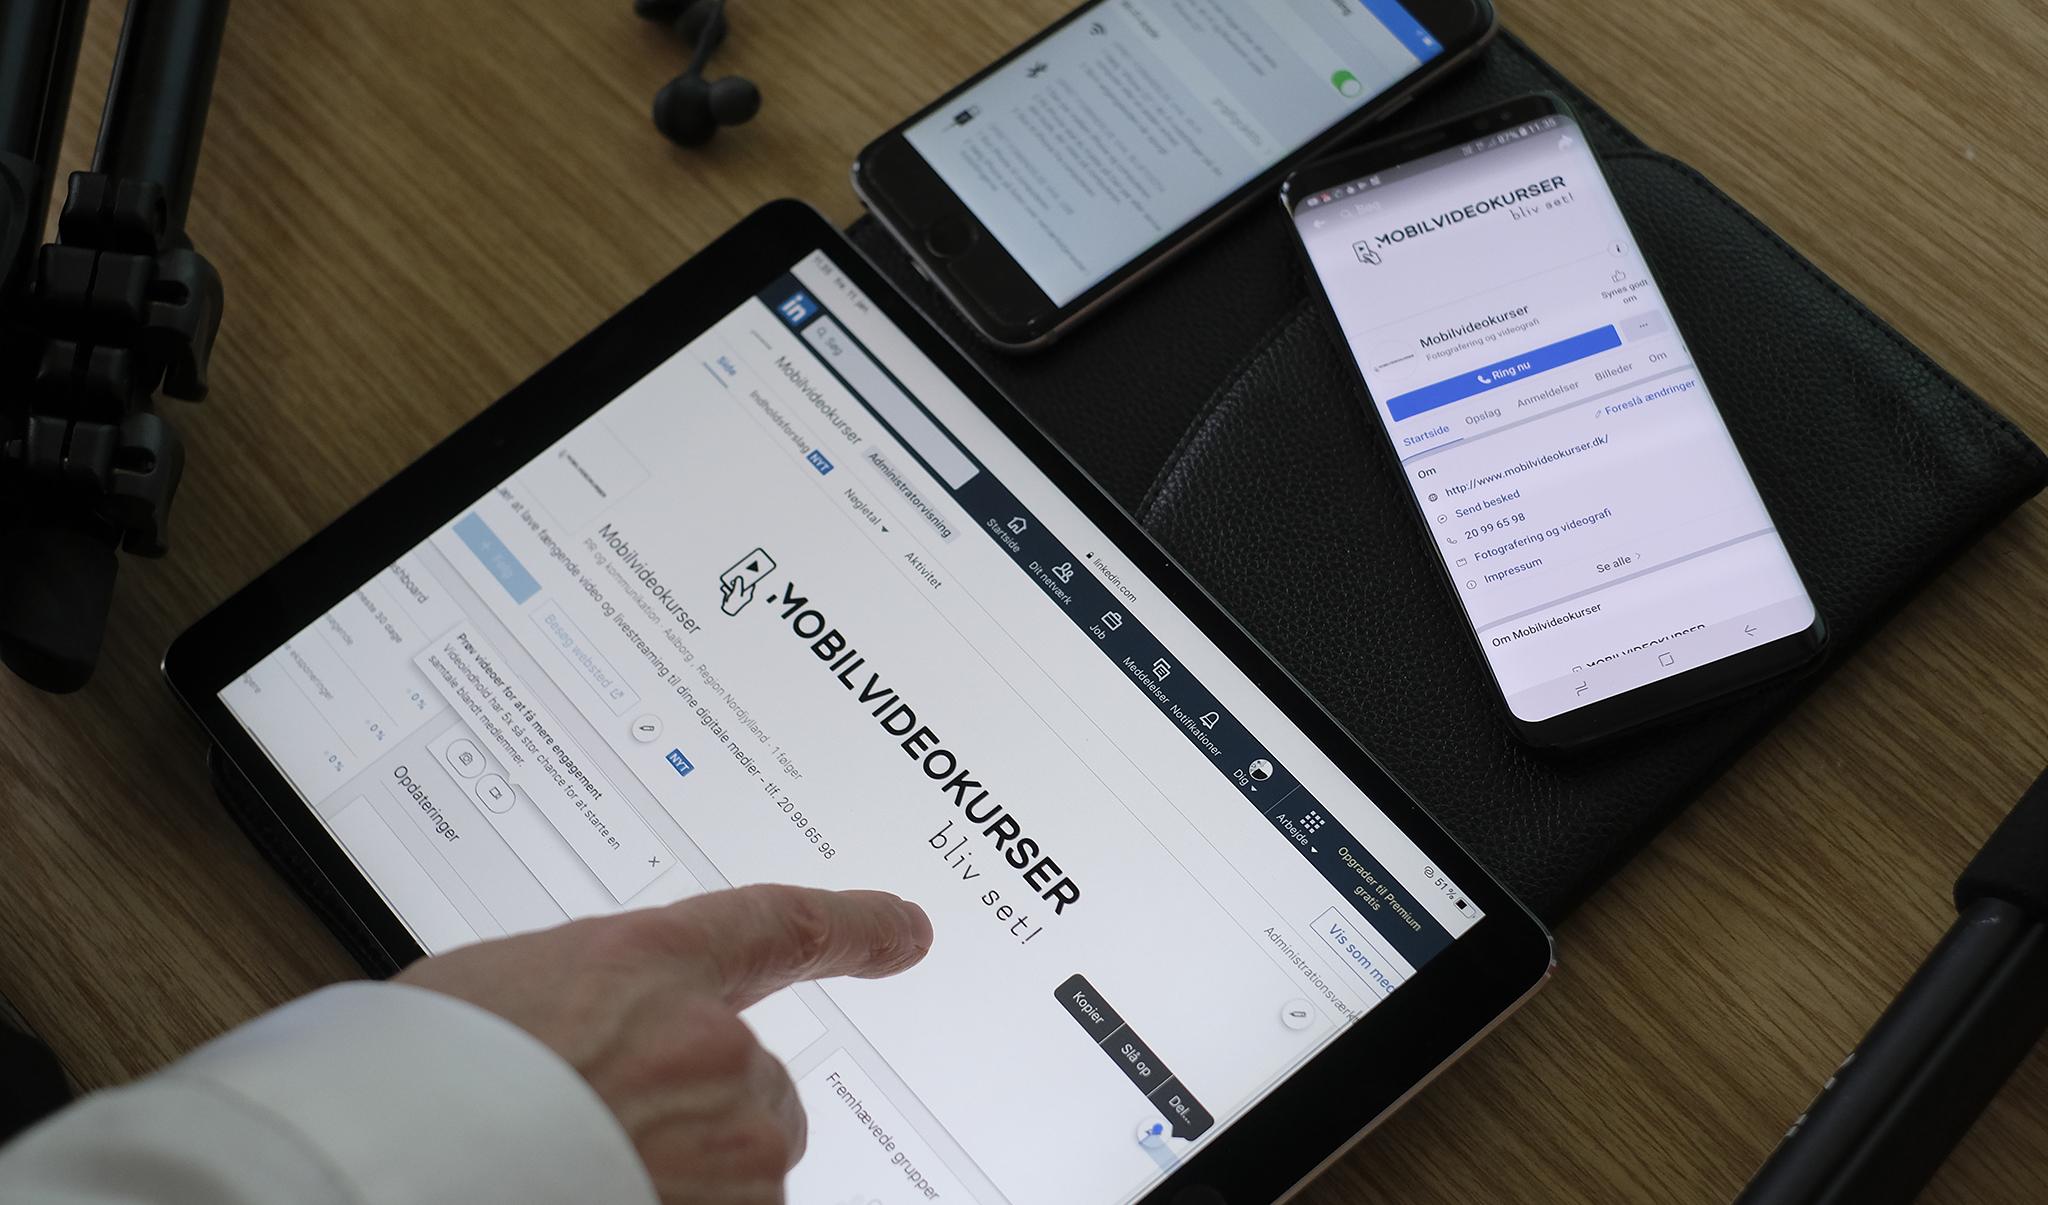 20190111-tablet-og-smartphones-5591a-LR.jpg